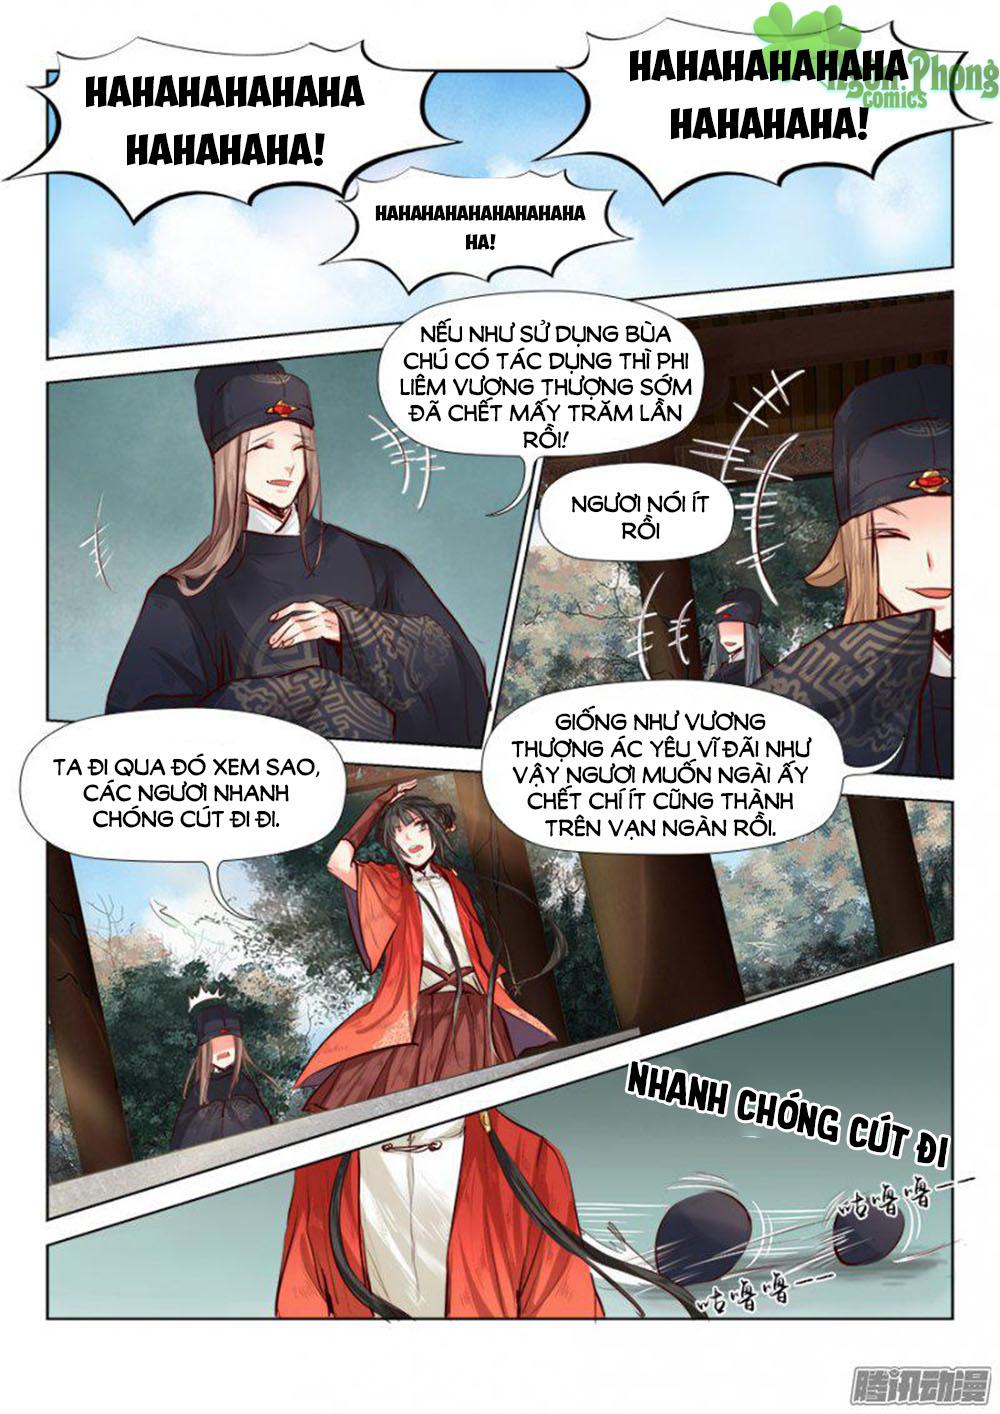 Luôn Có Yêu Quái Chapter 54